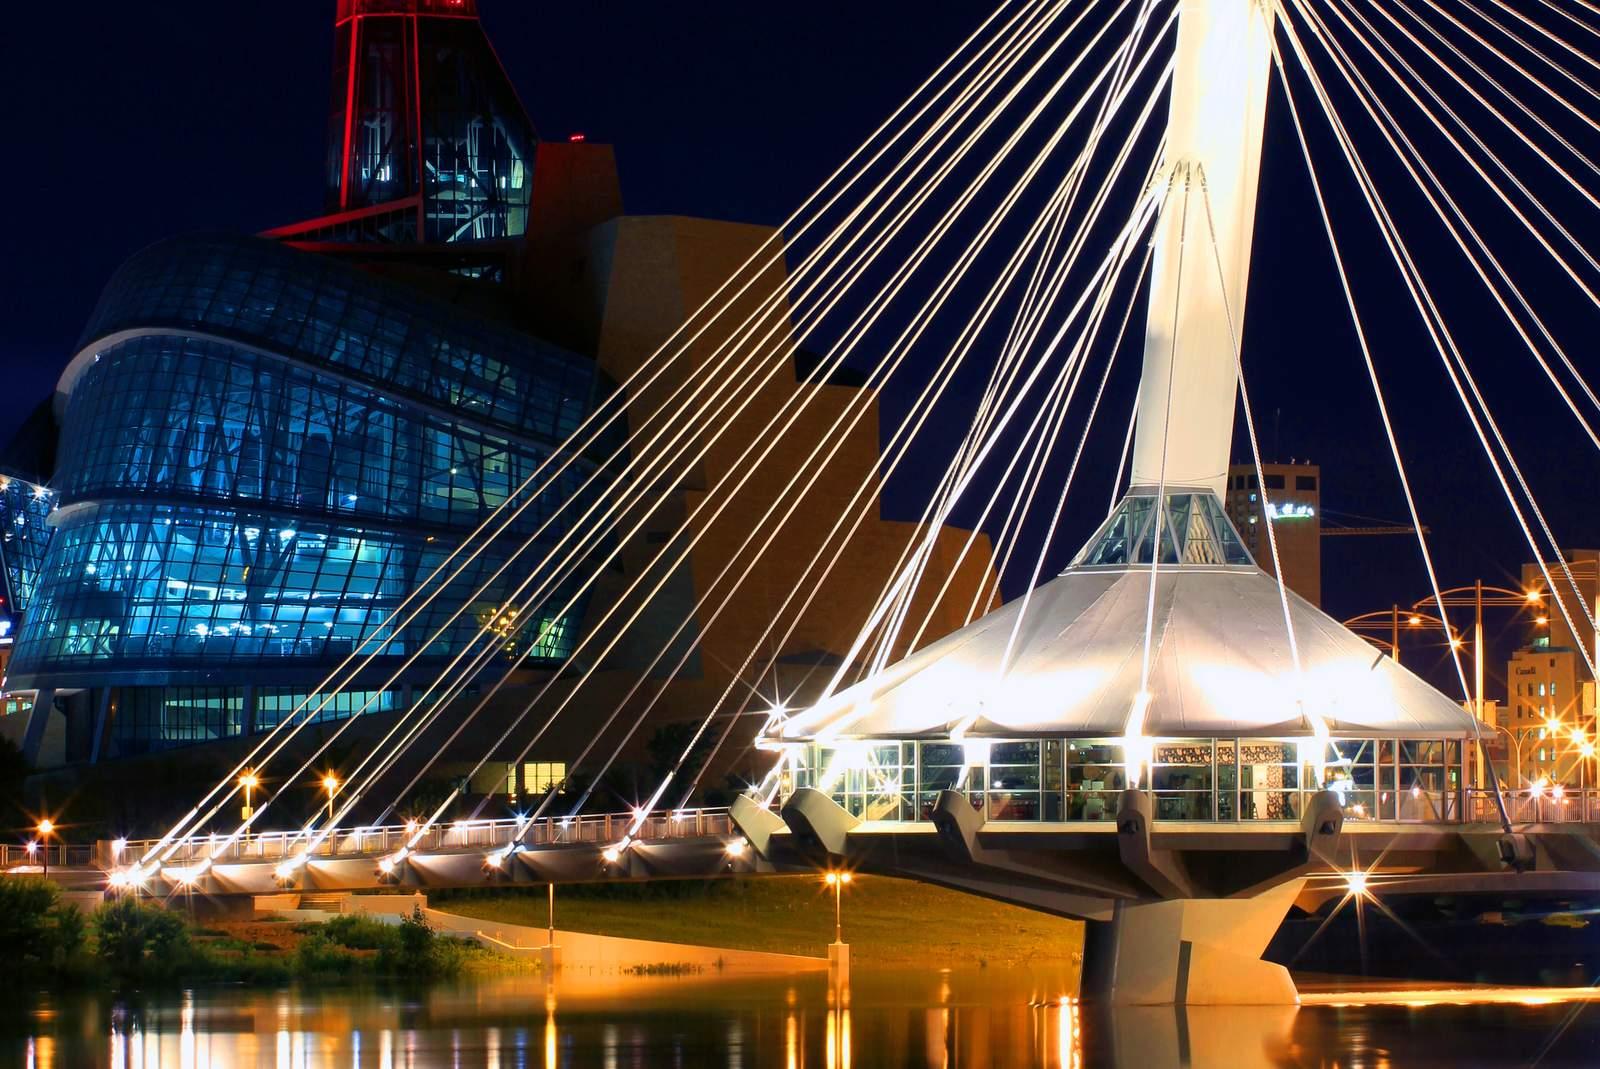 Seifenblasen bei The Forks in Winnipeg, Manitoba